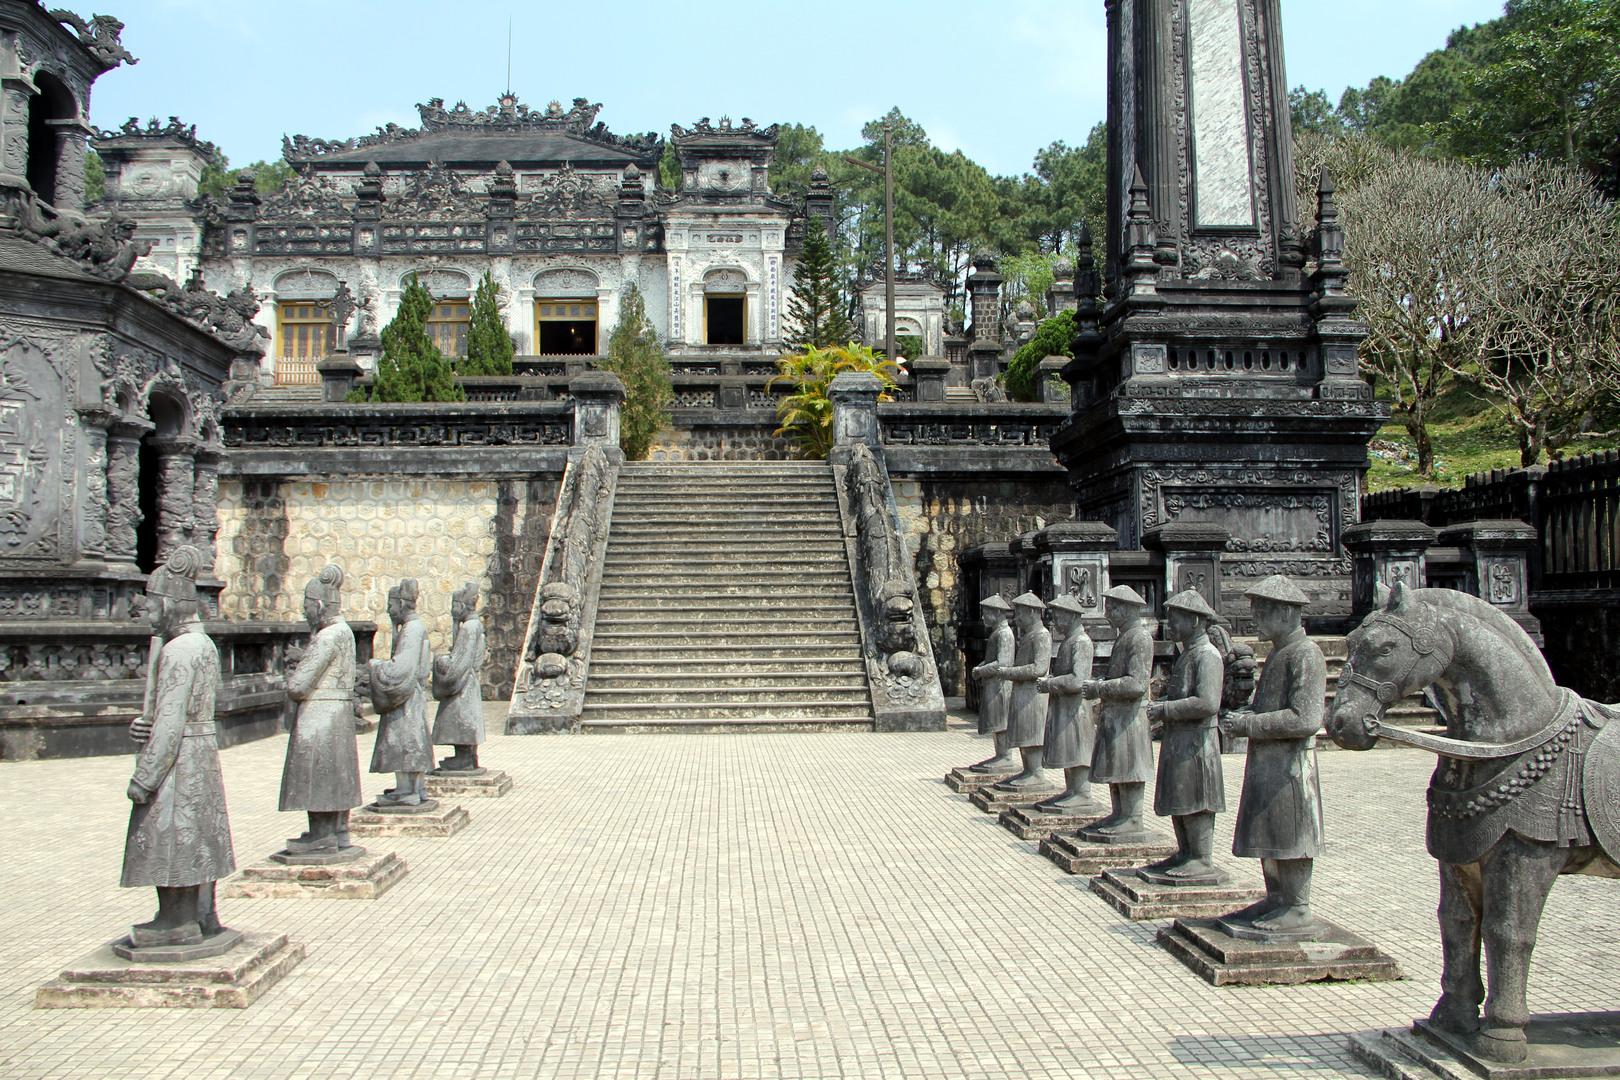 Khai_Dinh_tomb_Hue_VietNam